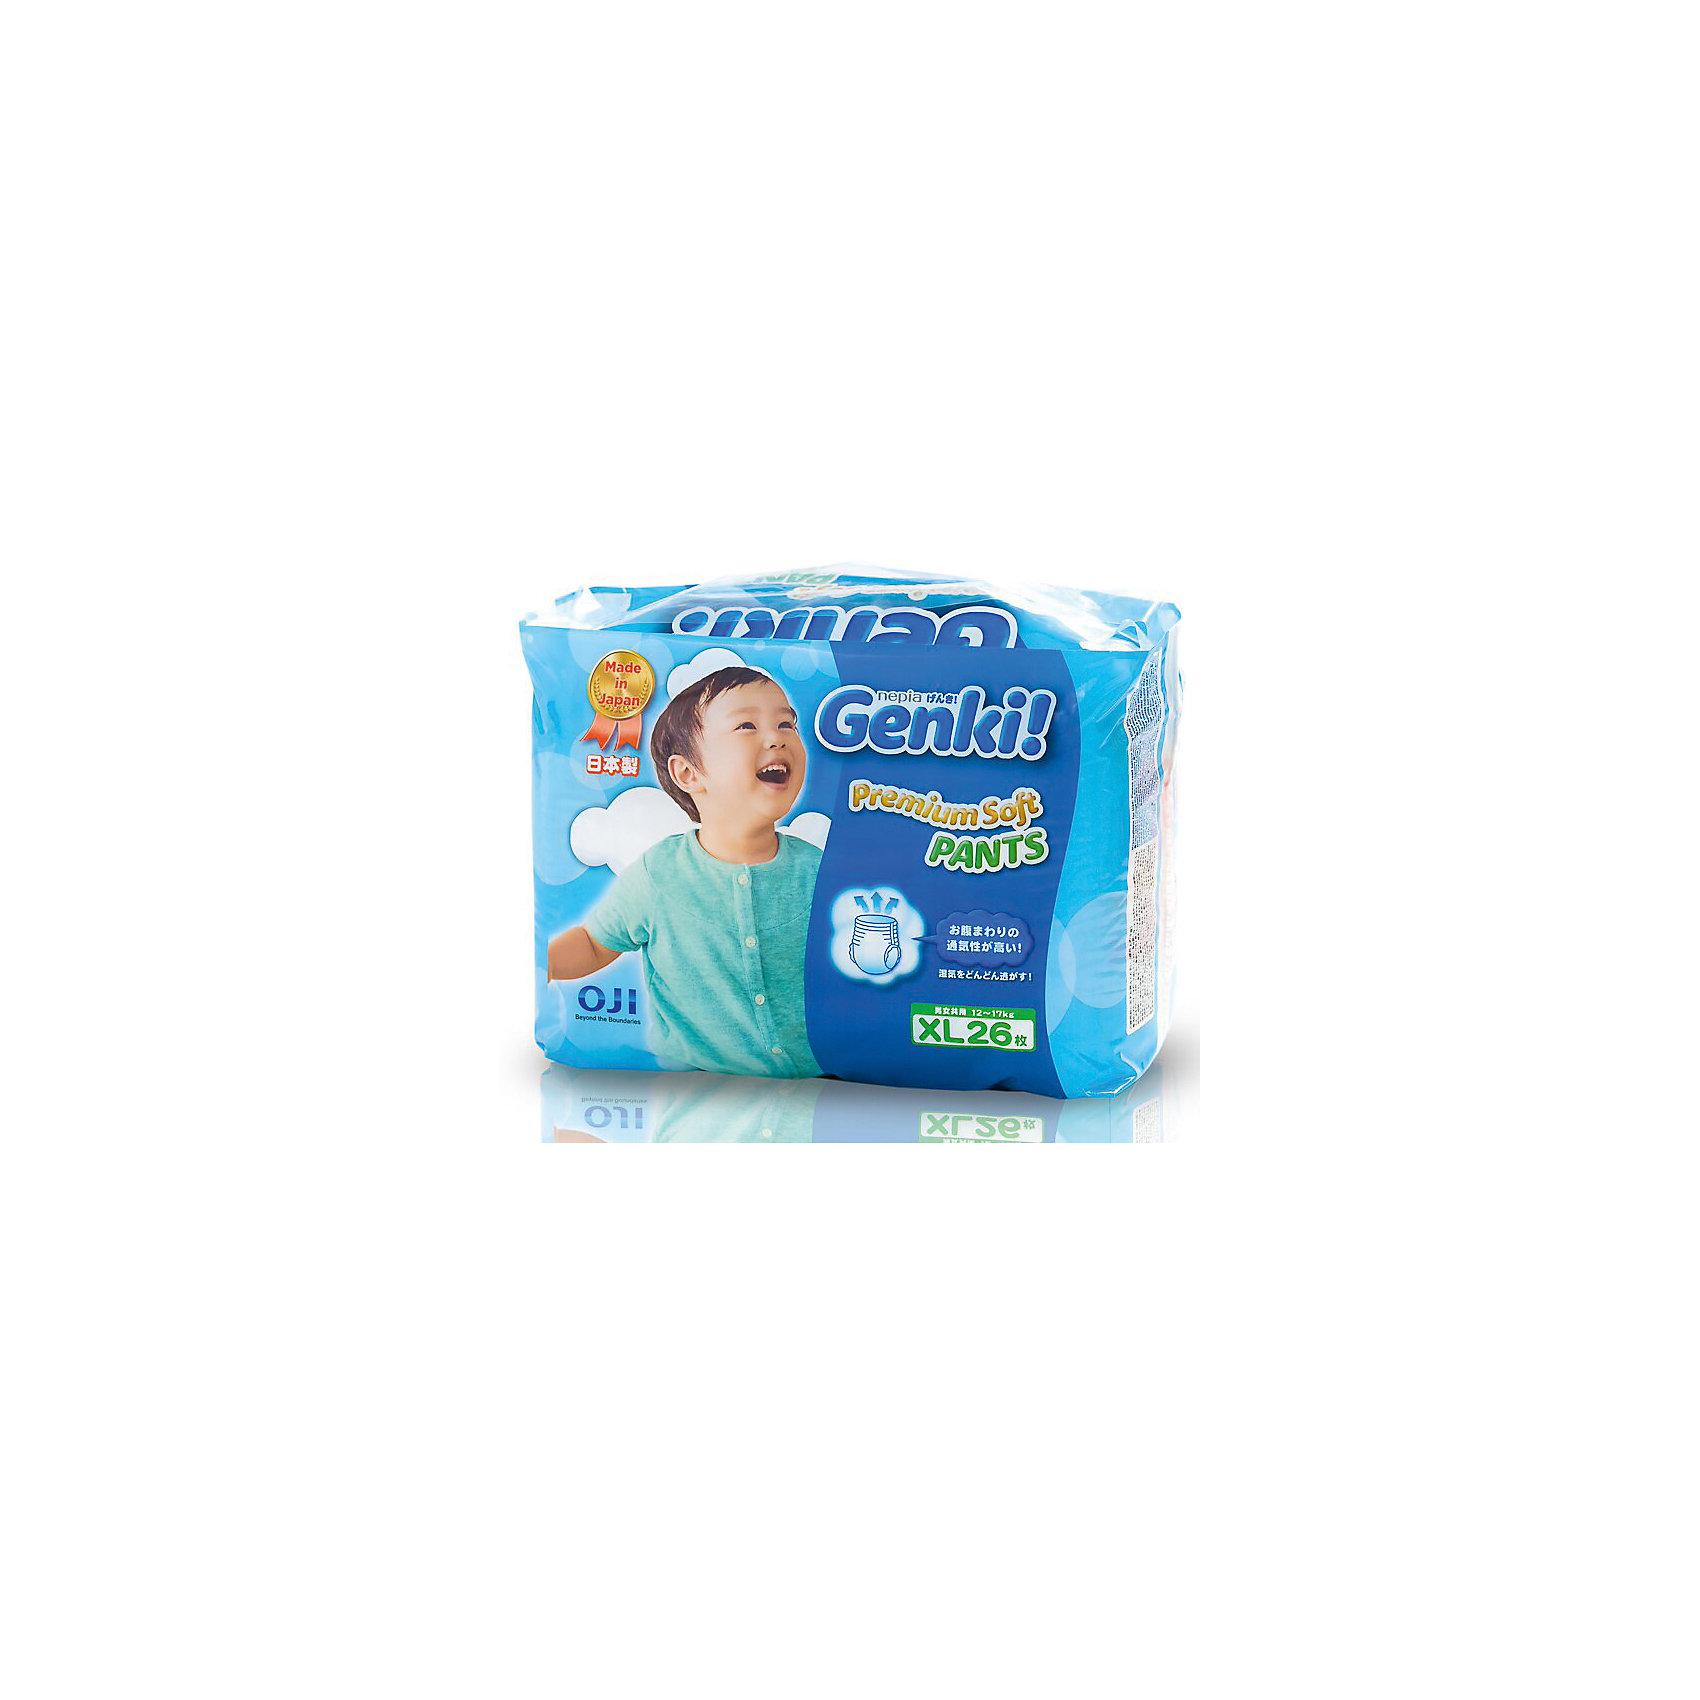 Трусики Nepia Genki,12-17 кг., размер XL, 26 шт., GenkiТрусики-подгузники<br>Характеристики:<br><br>• вес ребенка: 12-17 кг;<br>• размер: XL;<br>• дышащая поверхность внешней и внутренней стороны;<br>• эластичный поясок;<br>• индикатор влаги находится снаружи;<br>• материал: мягкий хлопок, натуральный каучук;<br>• количество в упаковке: 26 шт.<br><br>Японские дышащие гипоаллергенные трусики Genki подходят для чувствительной кожи. Эластичный поясок не сдавливает животик. Индикаторы наполнения позволяют маме контролировать наполненность трусиков, не расстегивая липучки. Когда желтый цвет меняется на синий, это сигнализирует о наполненности трусиков следовательно, их пора менять. Трусики используются для сна, длительных прогулок, во время поездок. <br><br>Трусики Nepia Genki, 12-17 кг., размер XL, 26 шт., Genki можно купить в нашем интернет-магазине.<br><br>Ширина мм: 150<br>Глубина мм: 280<br>Высота мм: 200<br>Вес г: 916<br>Возраст от месяцев: 12<br>Возраст до месяцев: 36<br>Пол: Унисекс<br>Возраст: Детский<br>SKU: 5504700